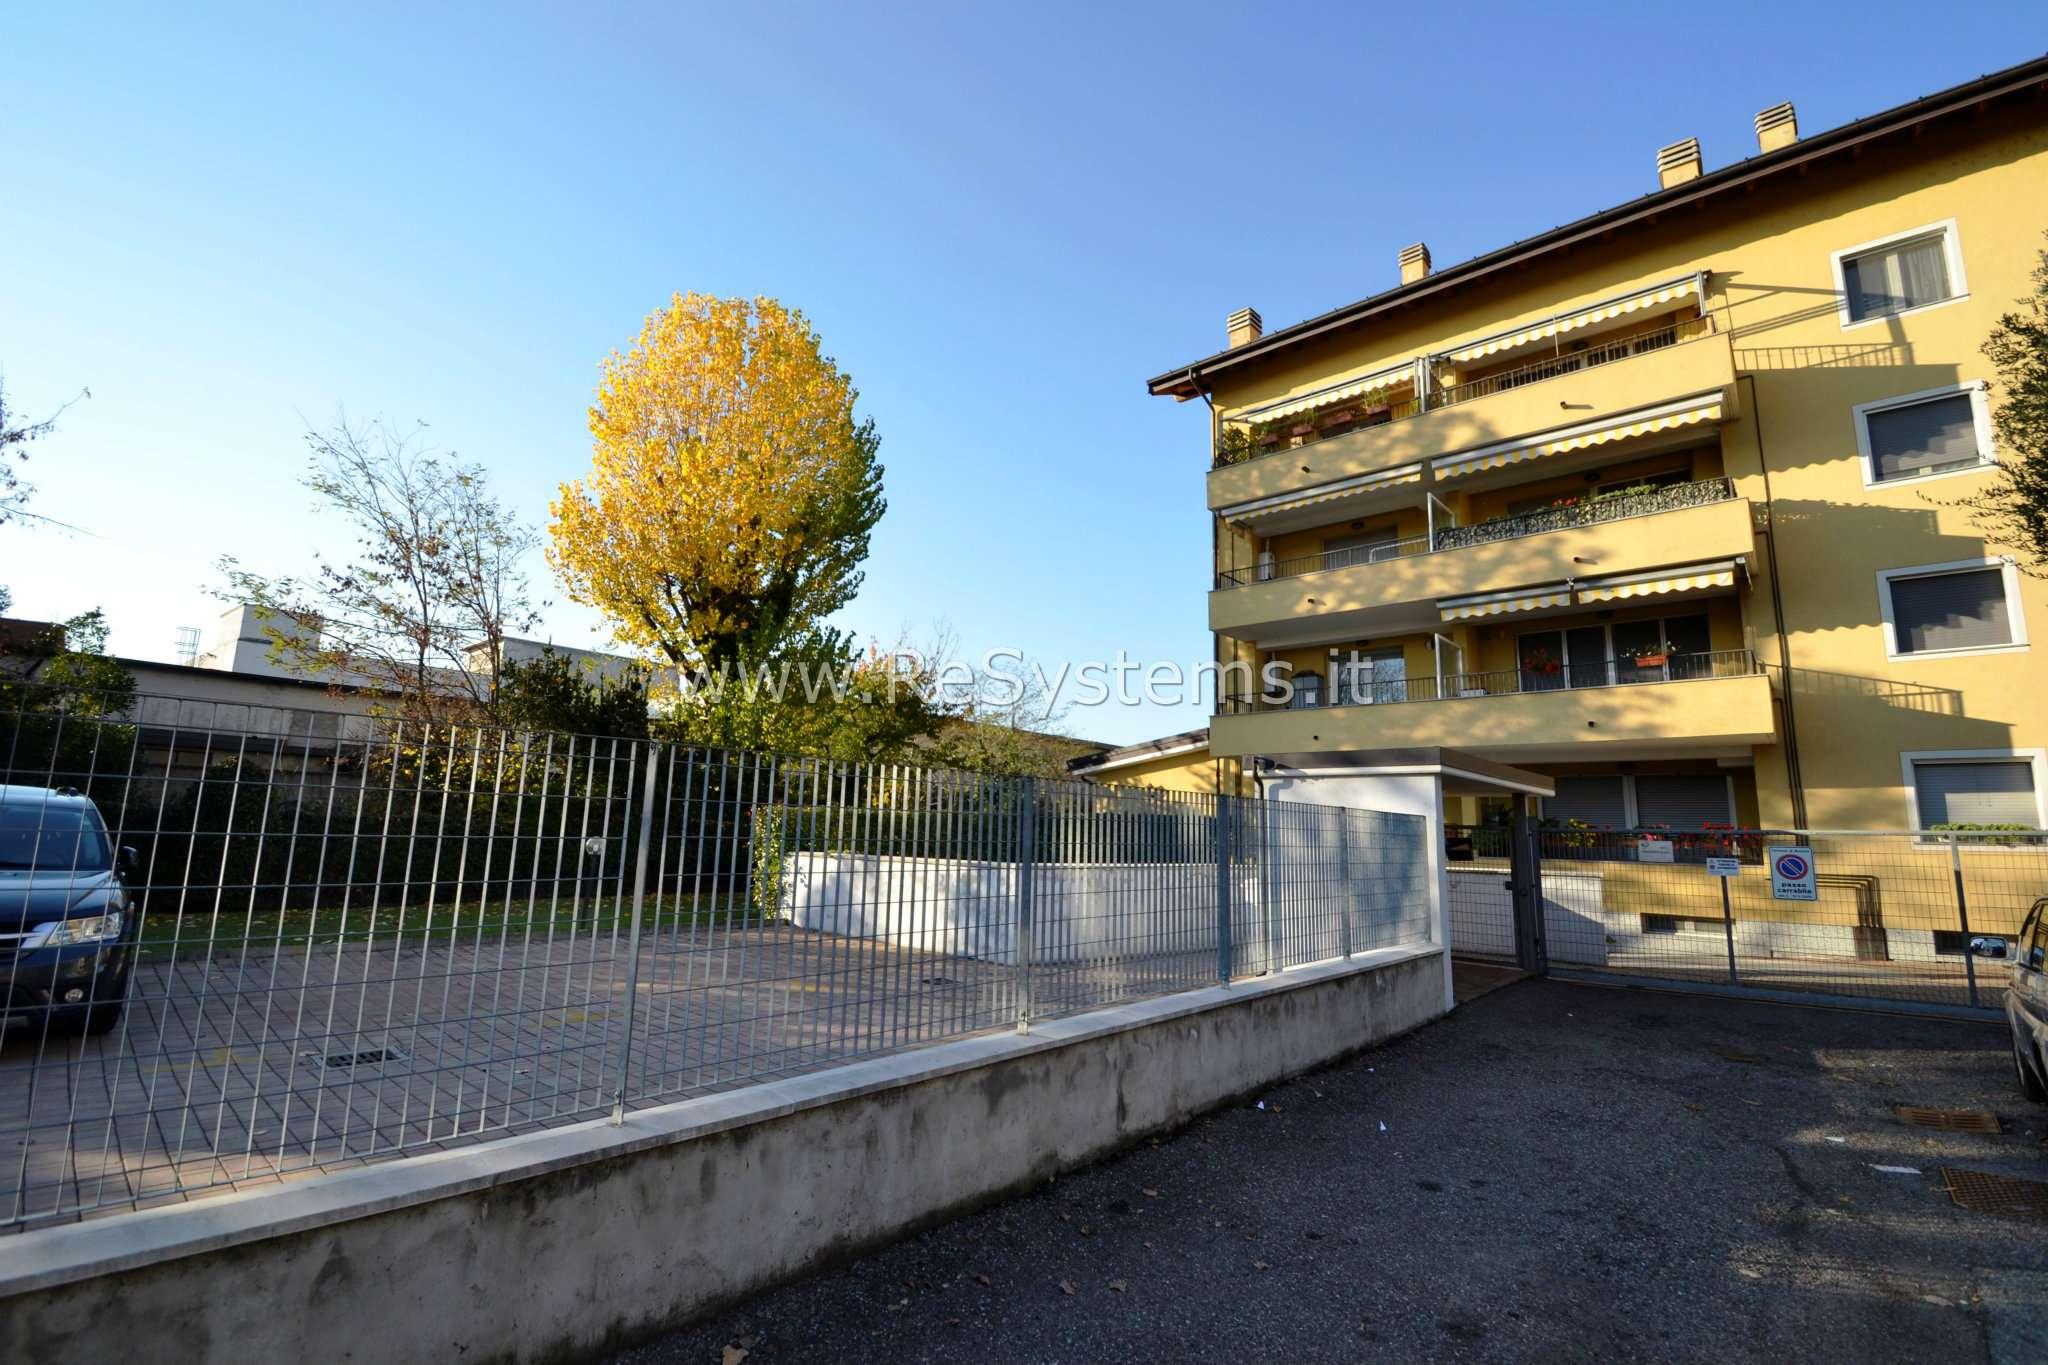 Appartamento in vendita a Bollate, 3 locali, prezzo € 199.000 | PortaleAgenzieImmobiliari.it